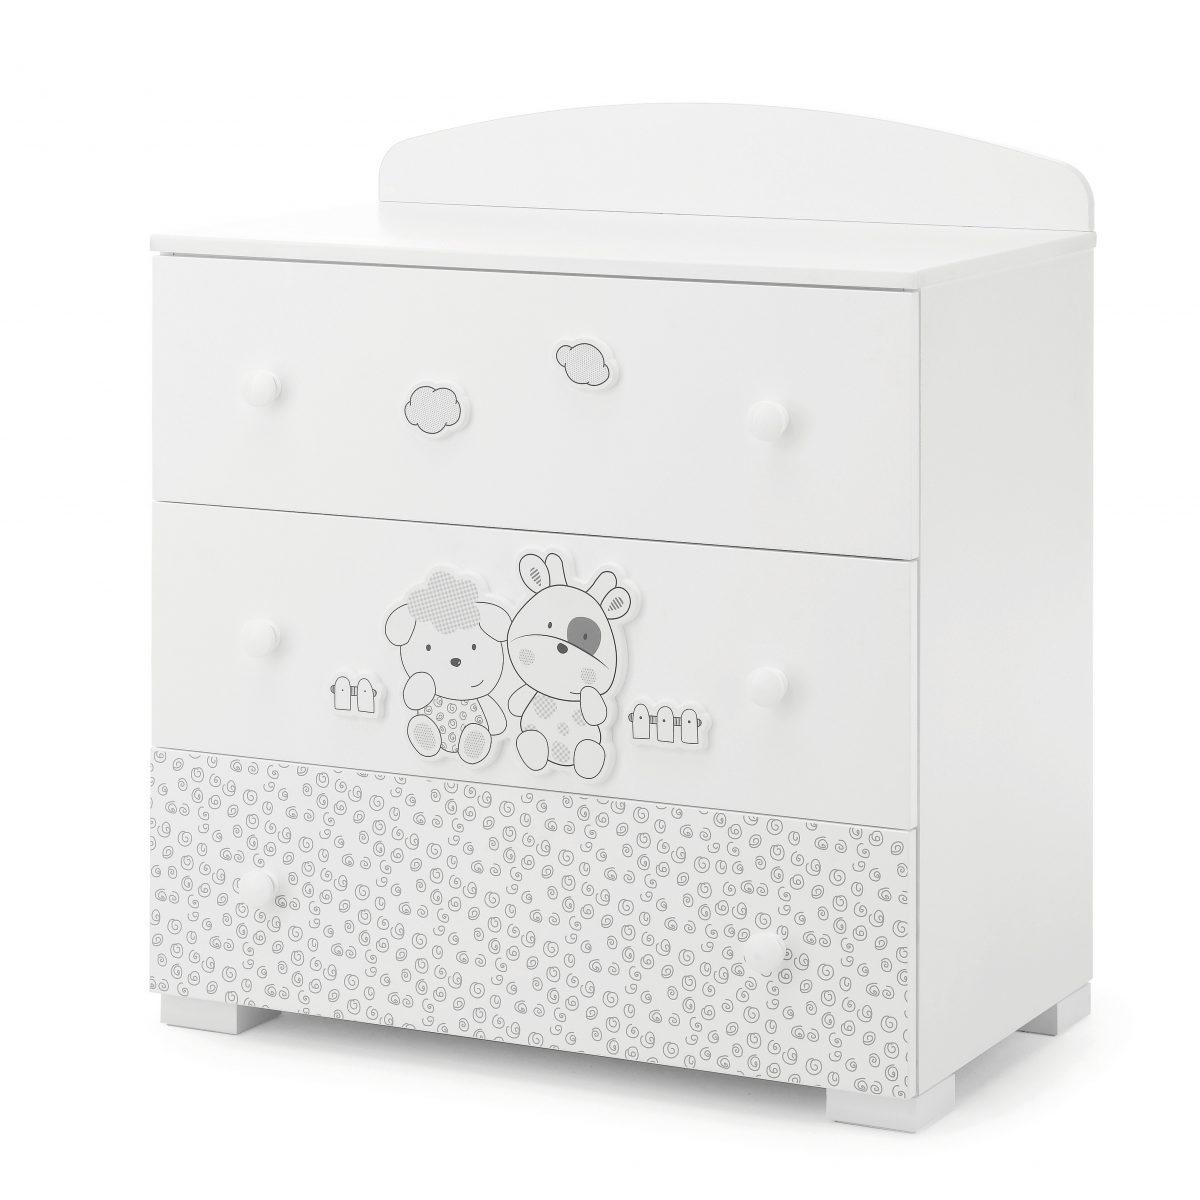 luxusní dětský nábytek - designová komoda Milky